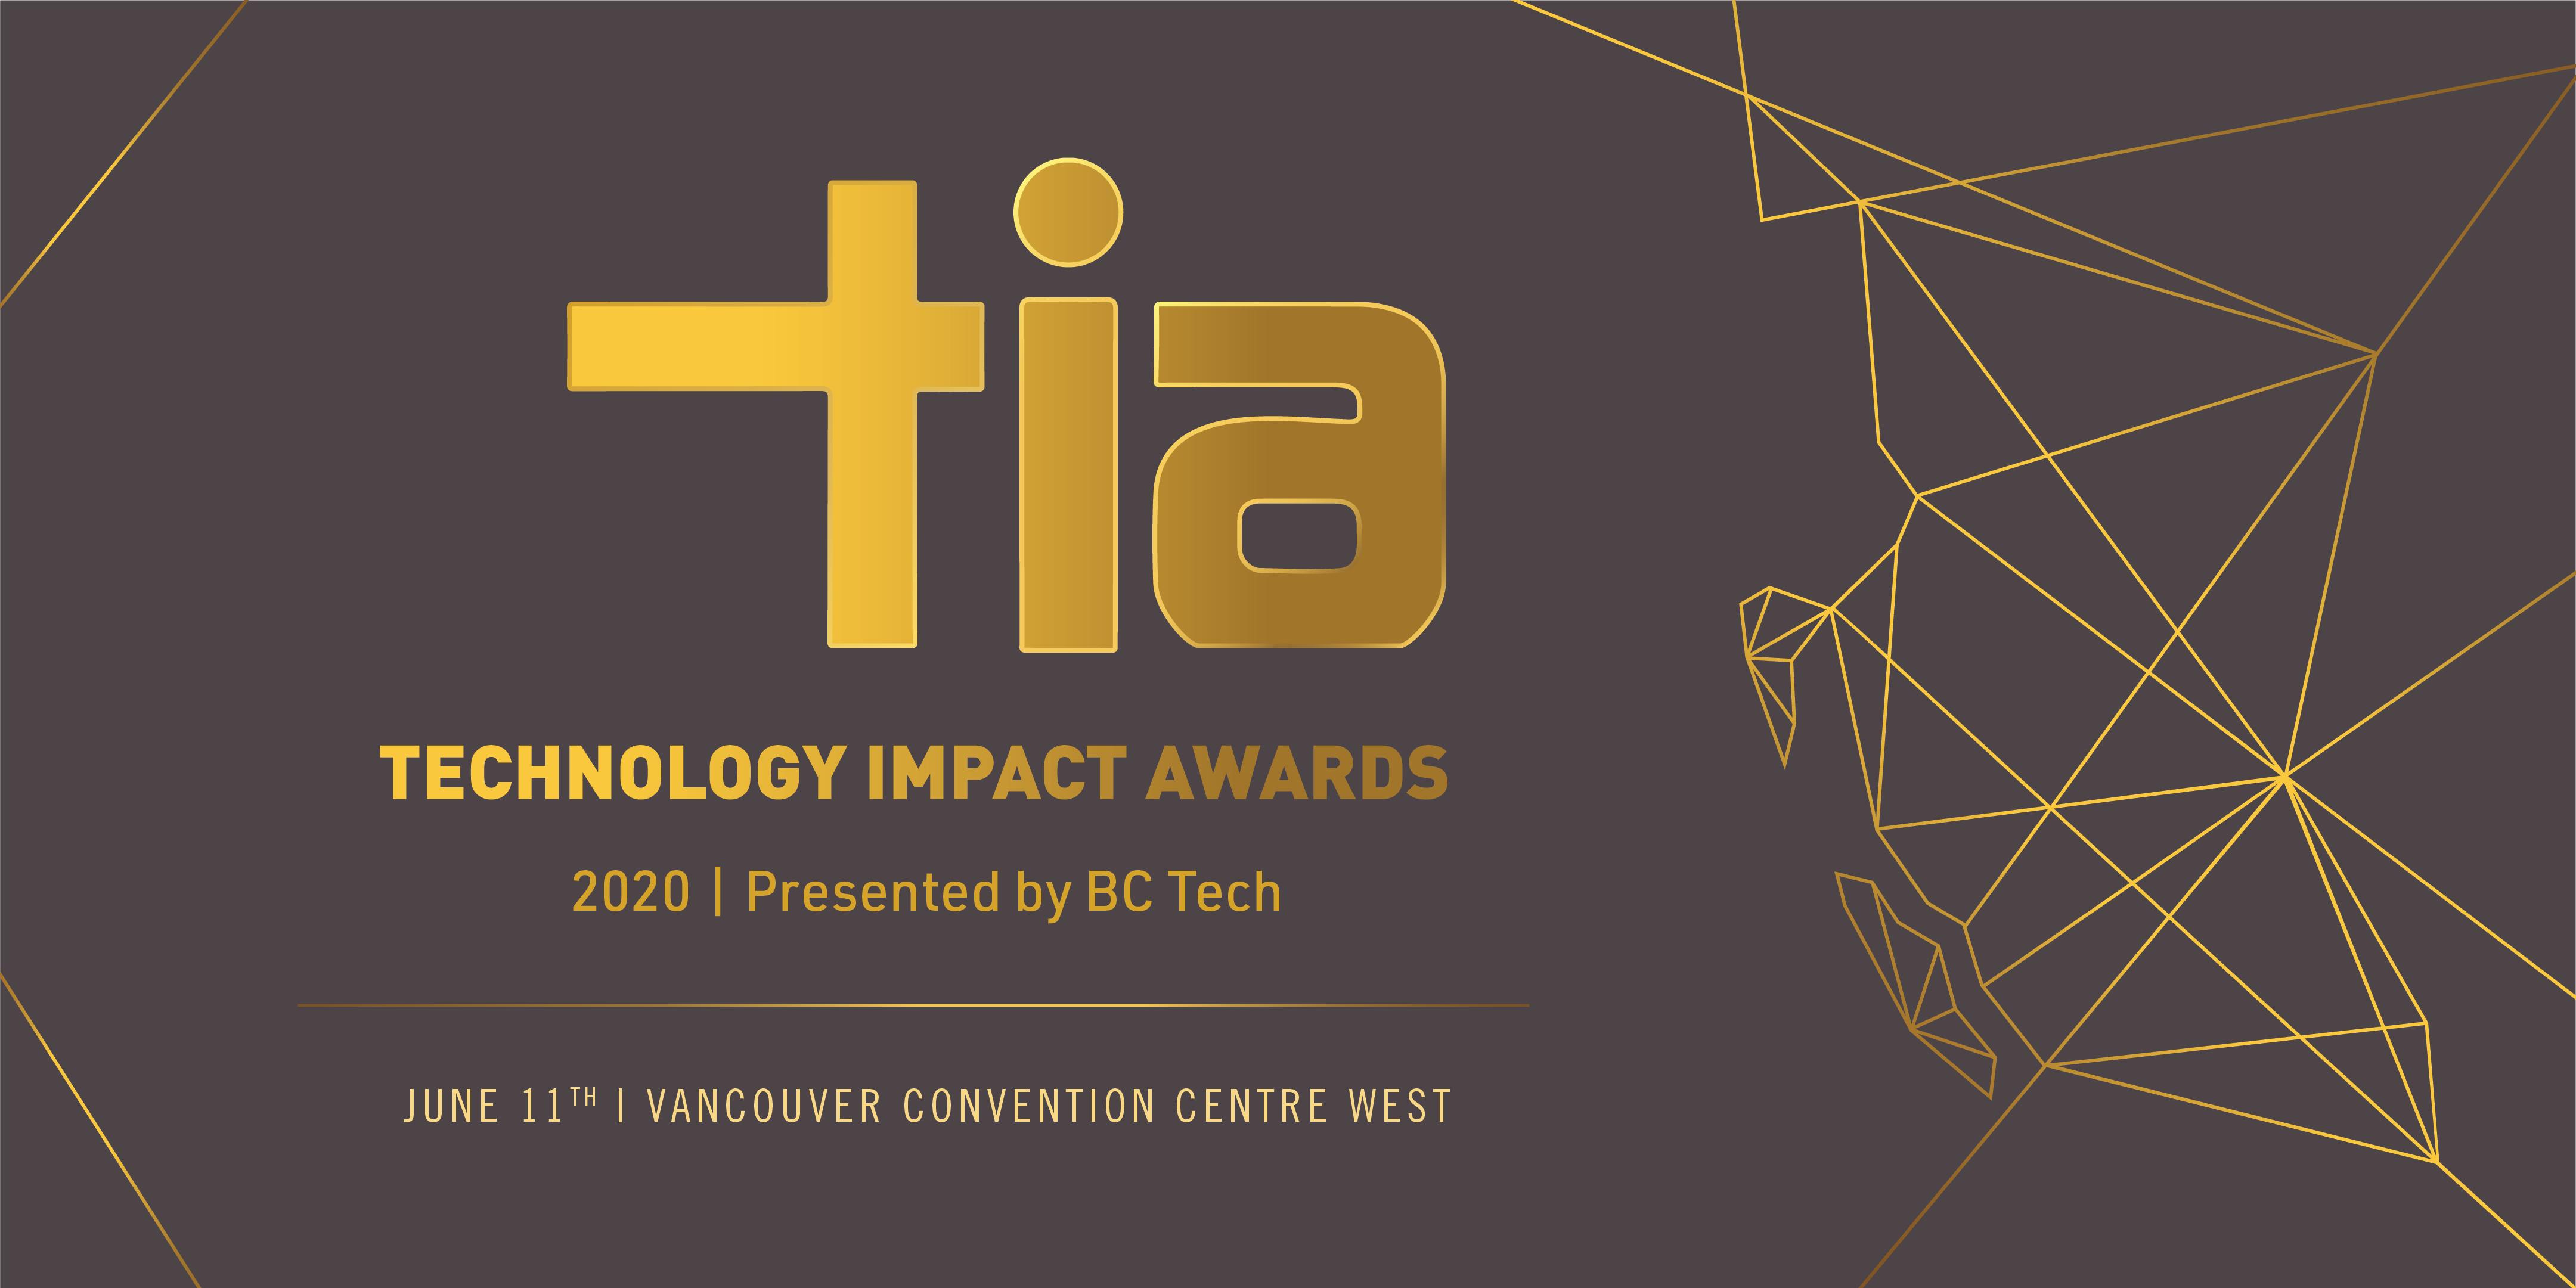 2020 Technology Impact Awards